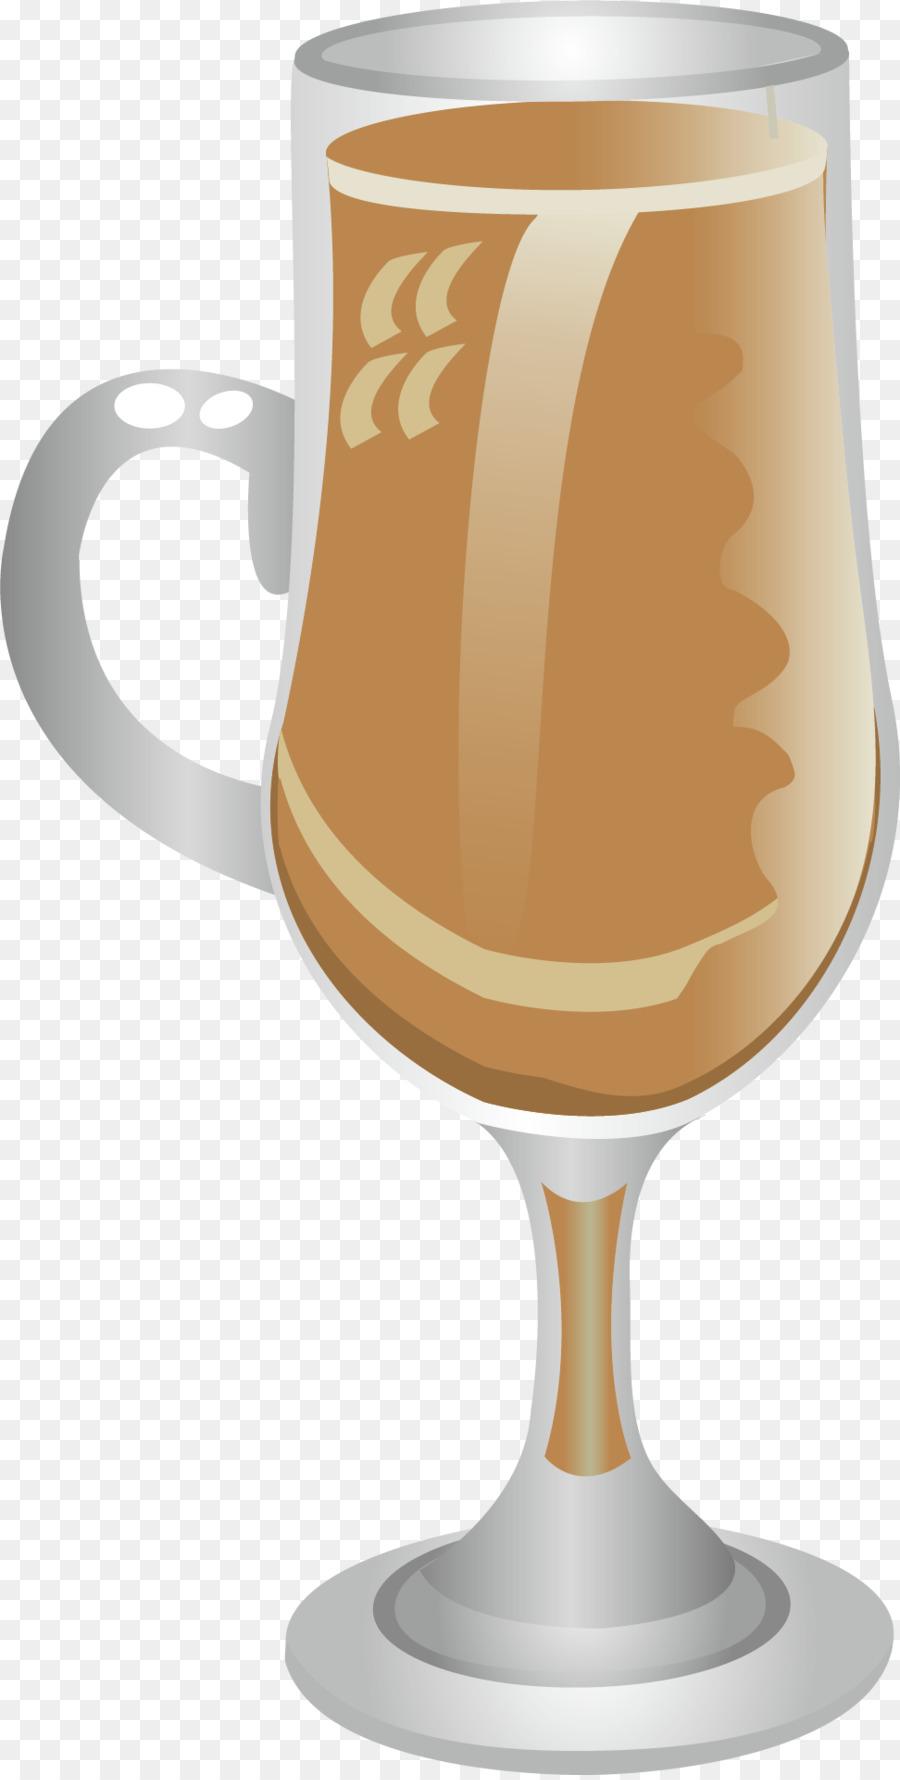 Descarga gratuita de Té, Café, La Leche Imágen de Png